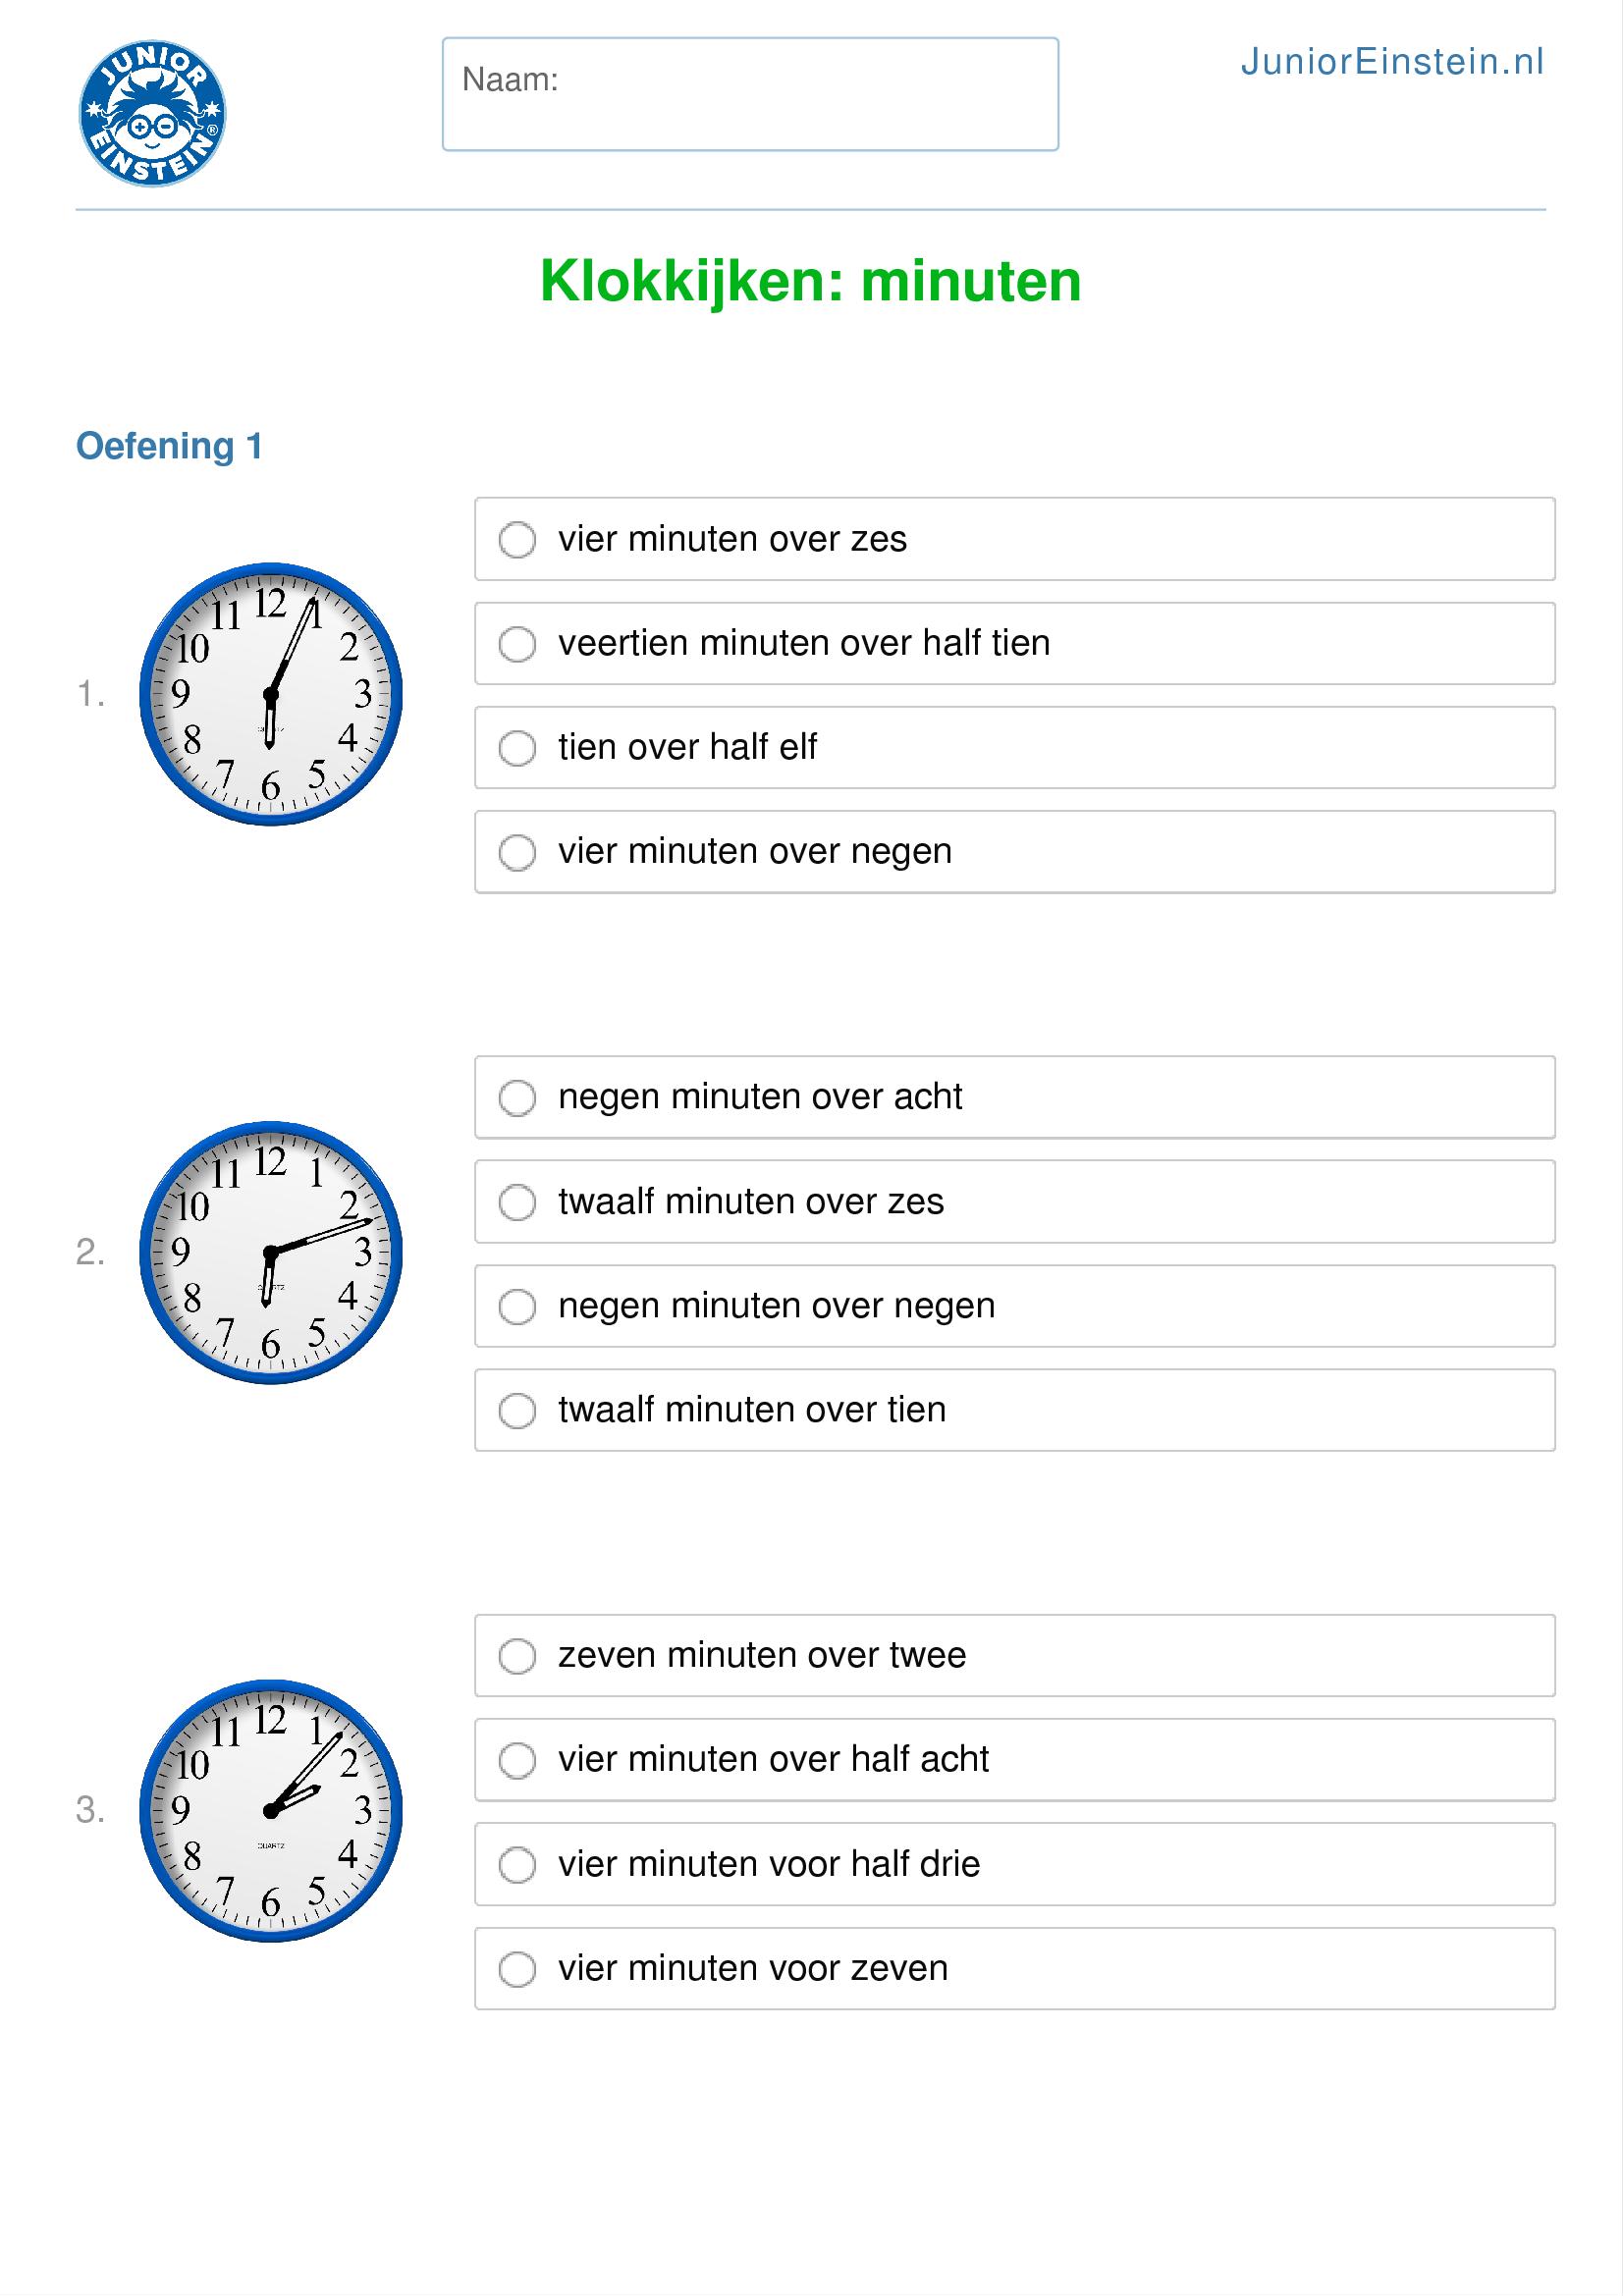 Super Werkblad: Klokkijken: minuten (geschikt voor groep 5) HF16